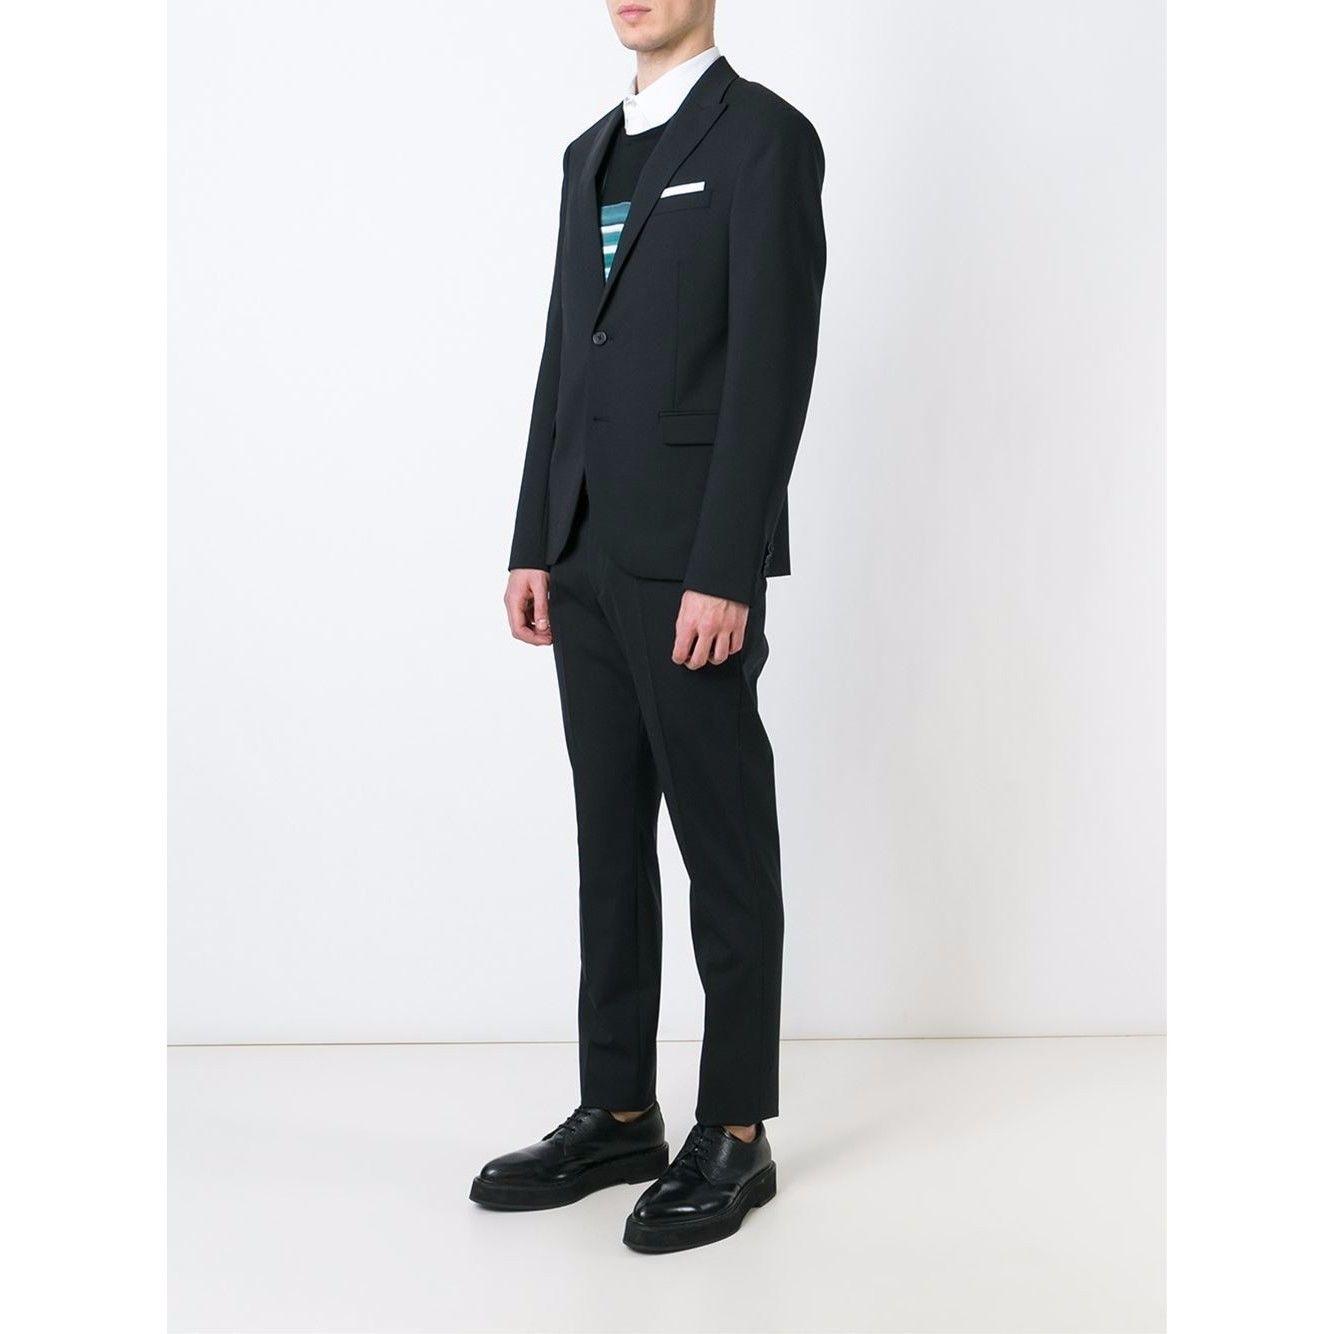 Neil Barrett - ニールバレット /2Piece Formal Suit  (Black) 2ピースフォーマルスーツ 黒